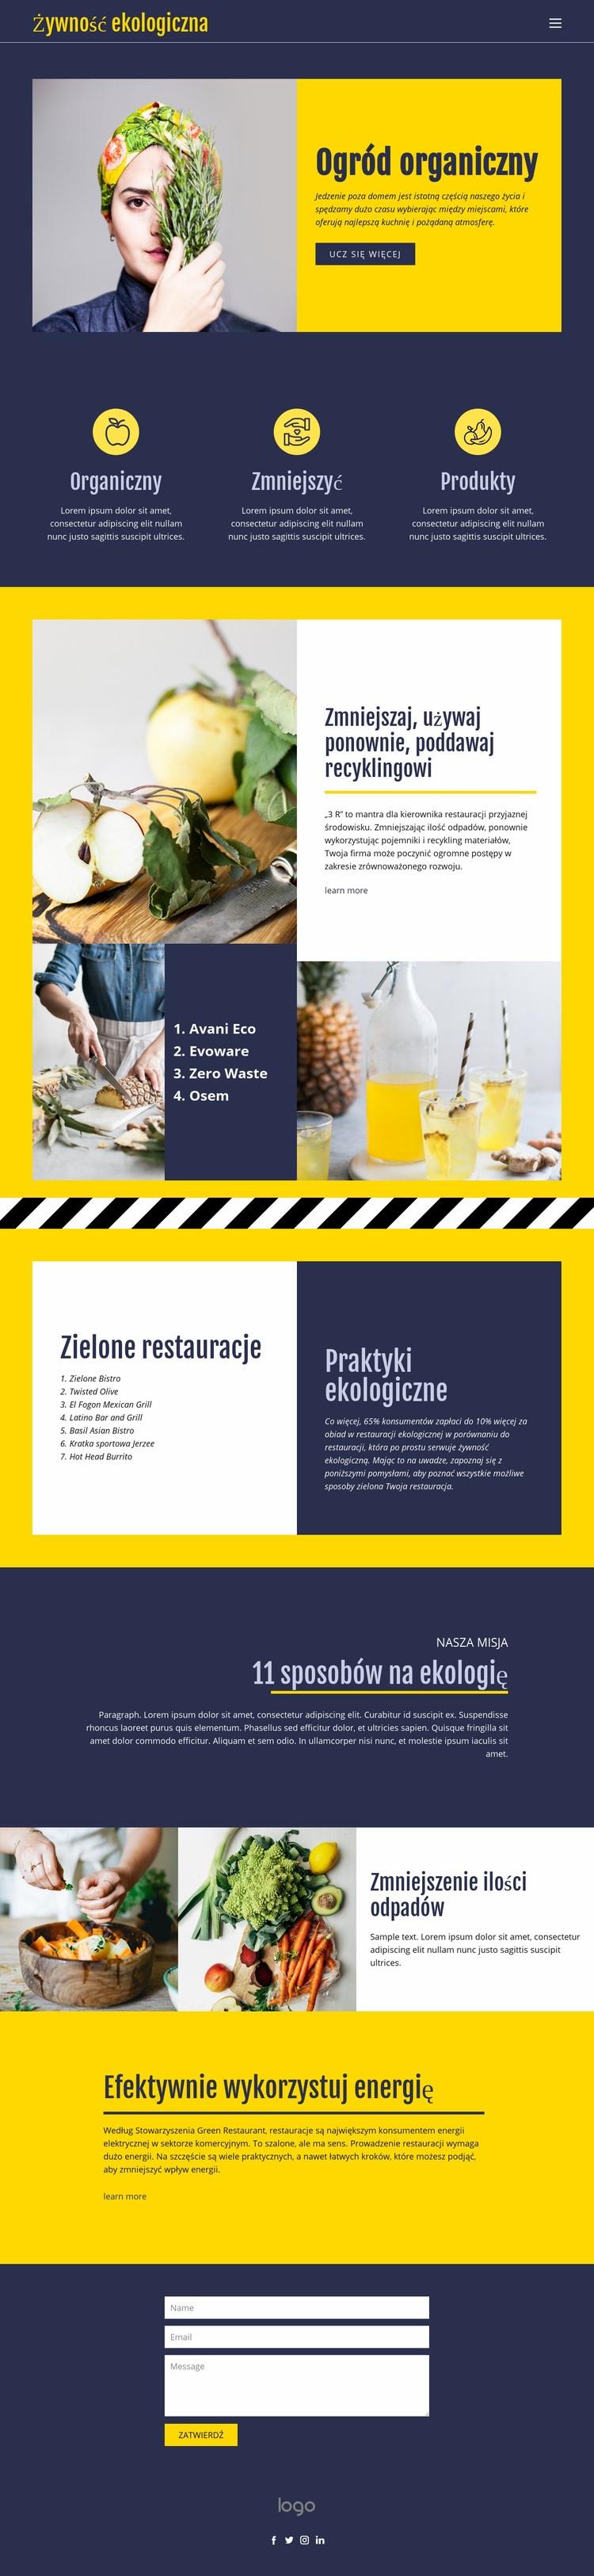 Jedzenie niezbędnych do jedzenia Szablon witryny sieci Web